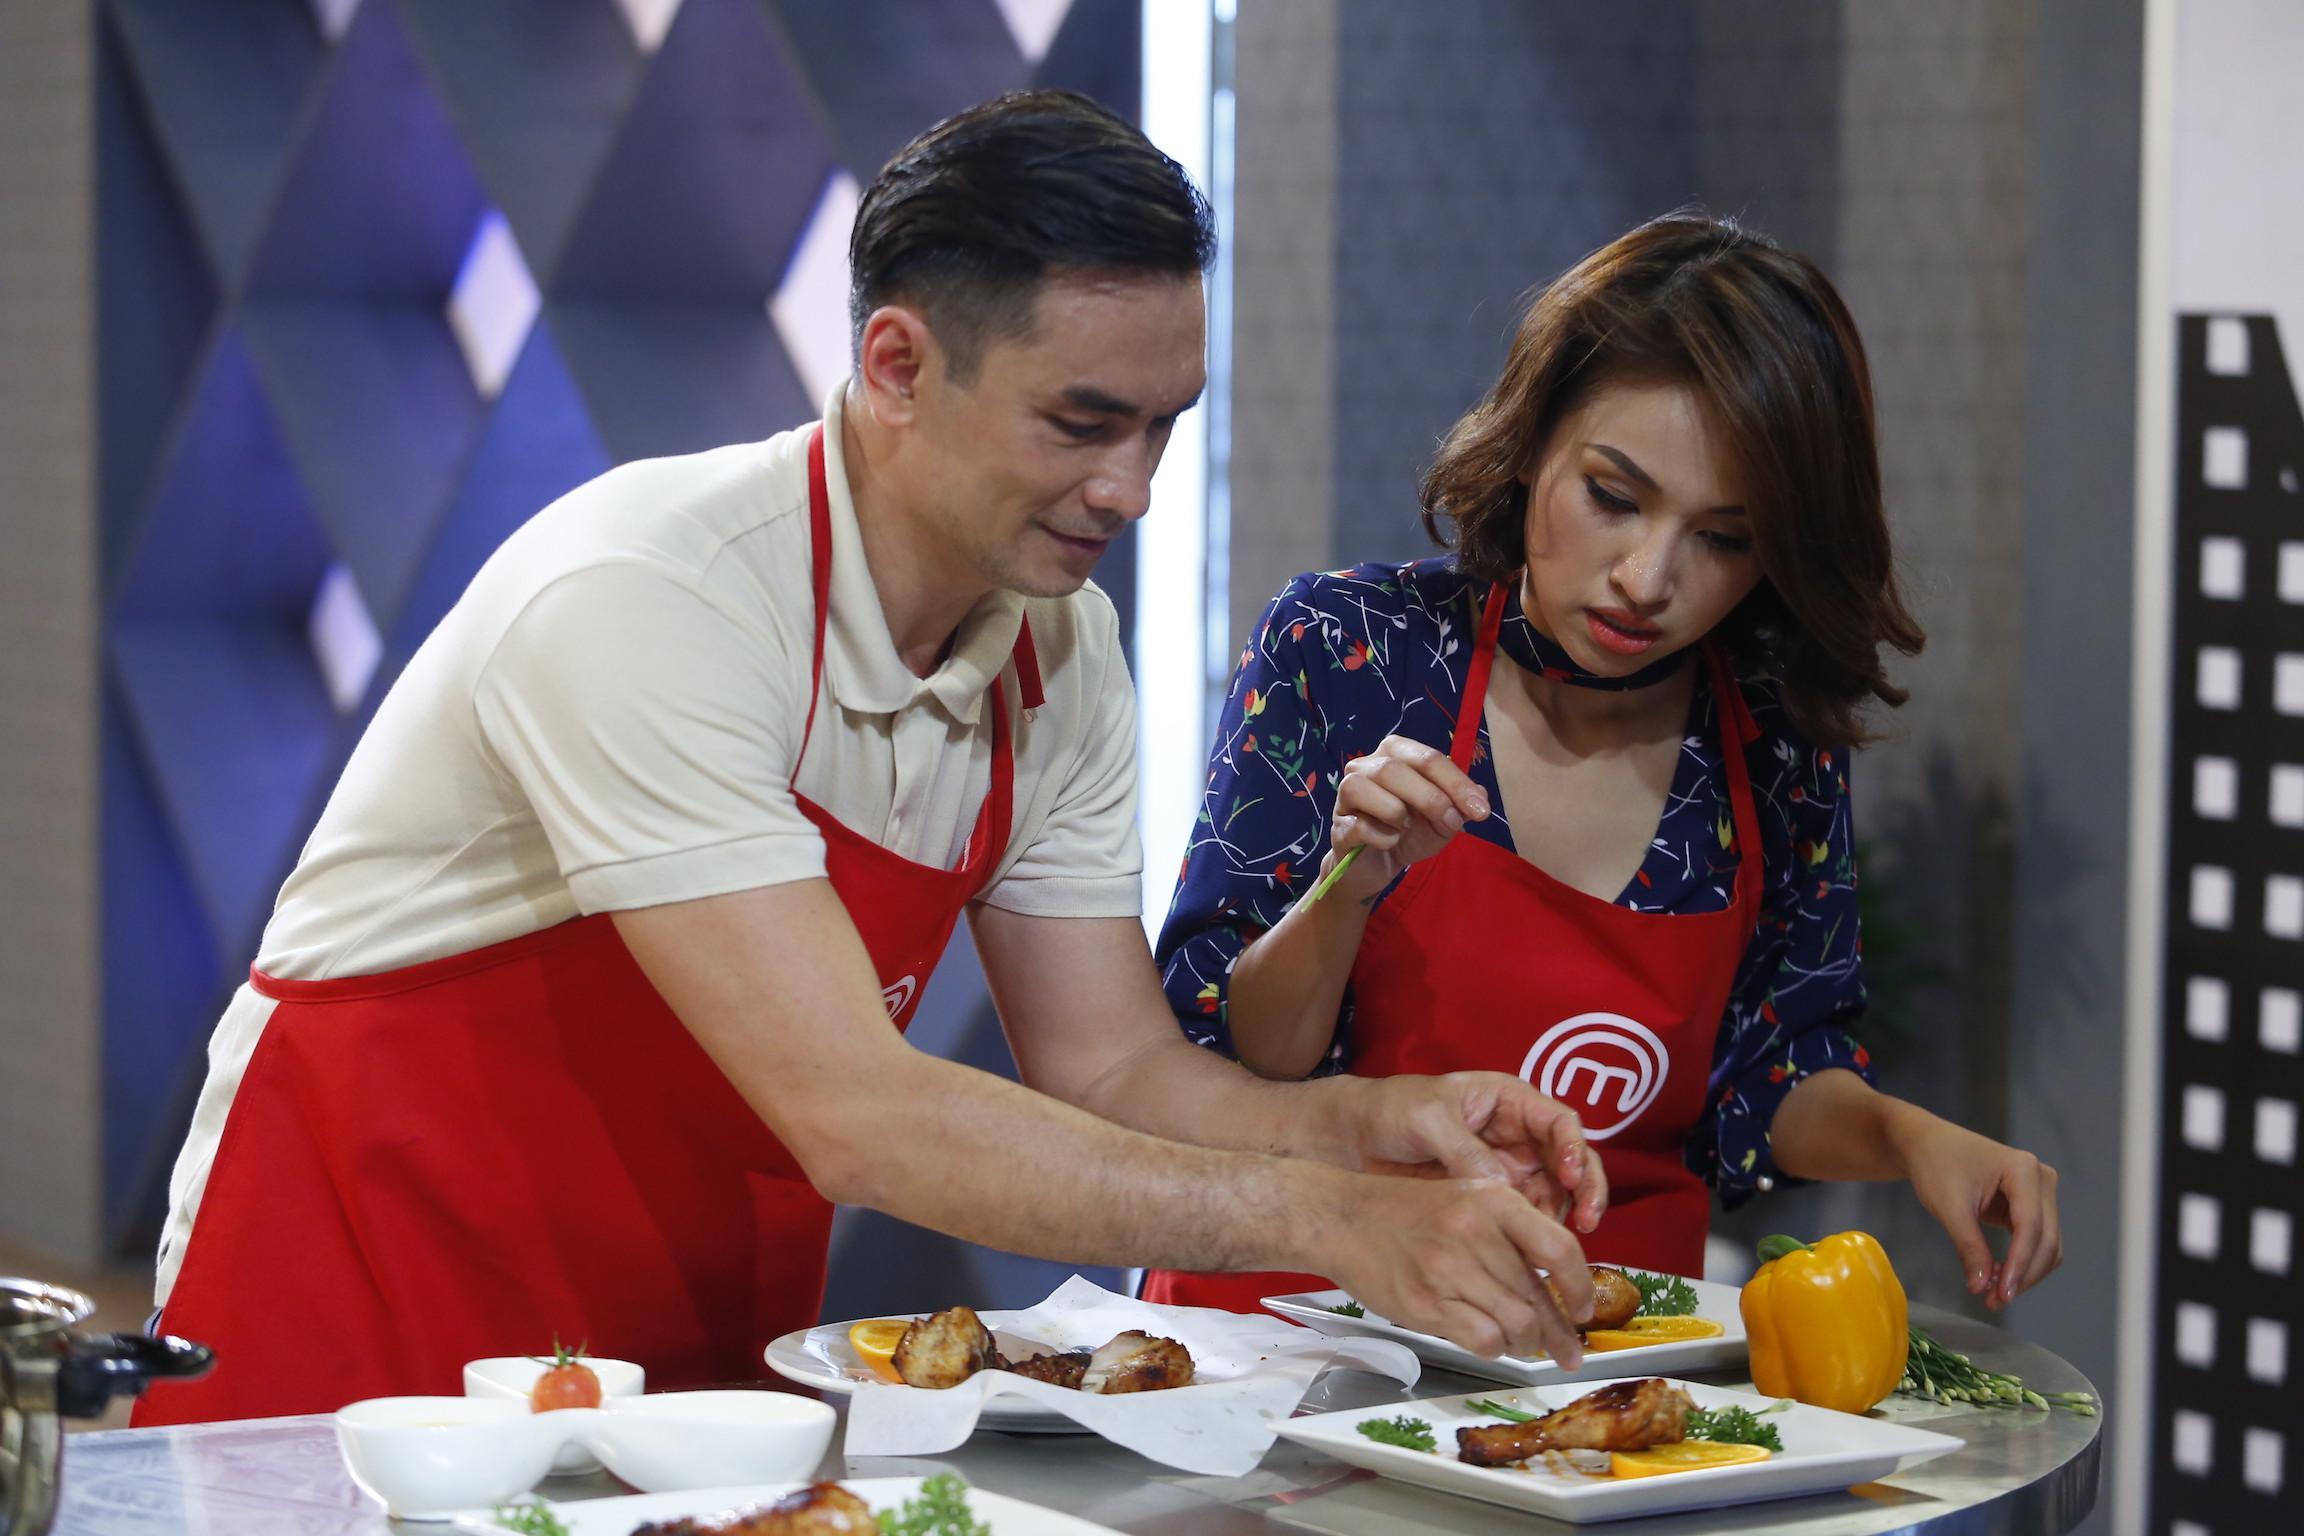 Vua đầu bếp 2017:  Bảo Thanh bất ngờ thất bại trước cô nàng cá tính An Nguy-2